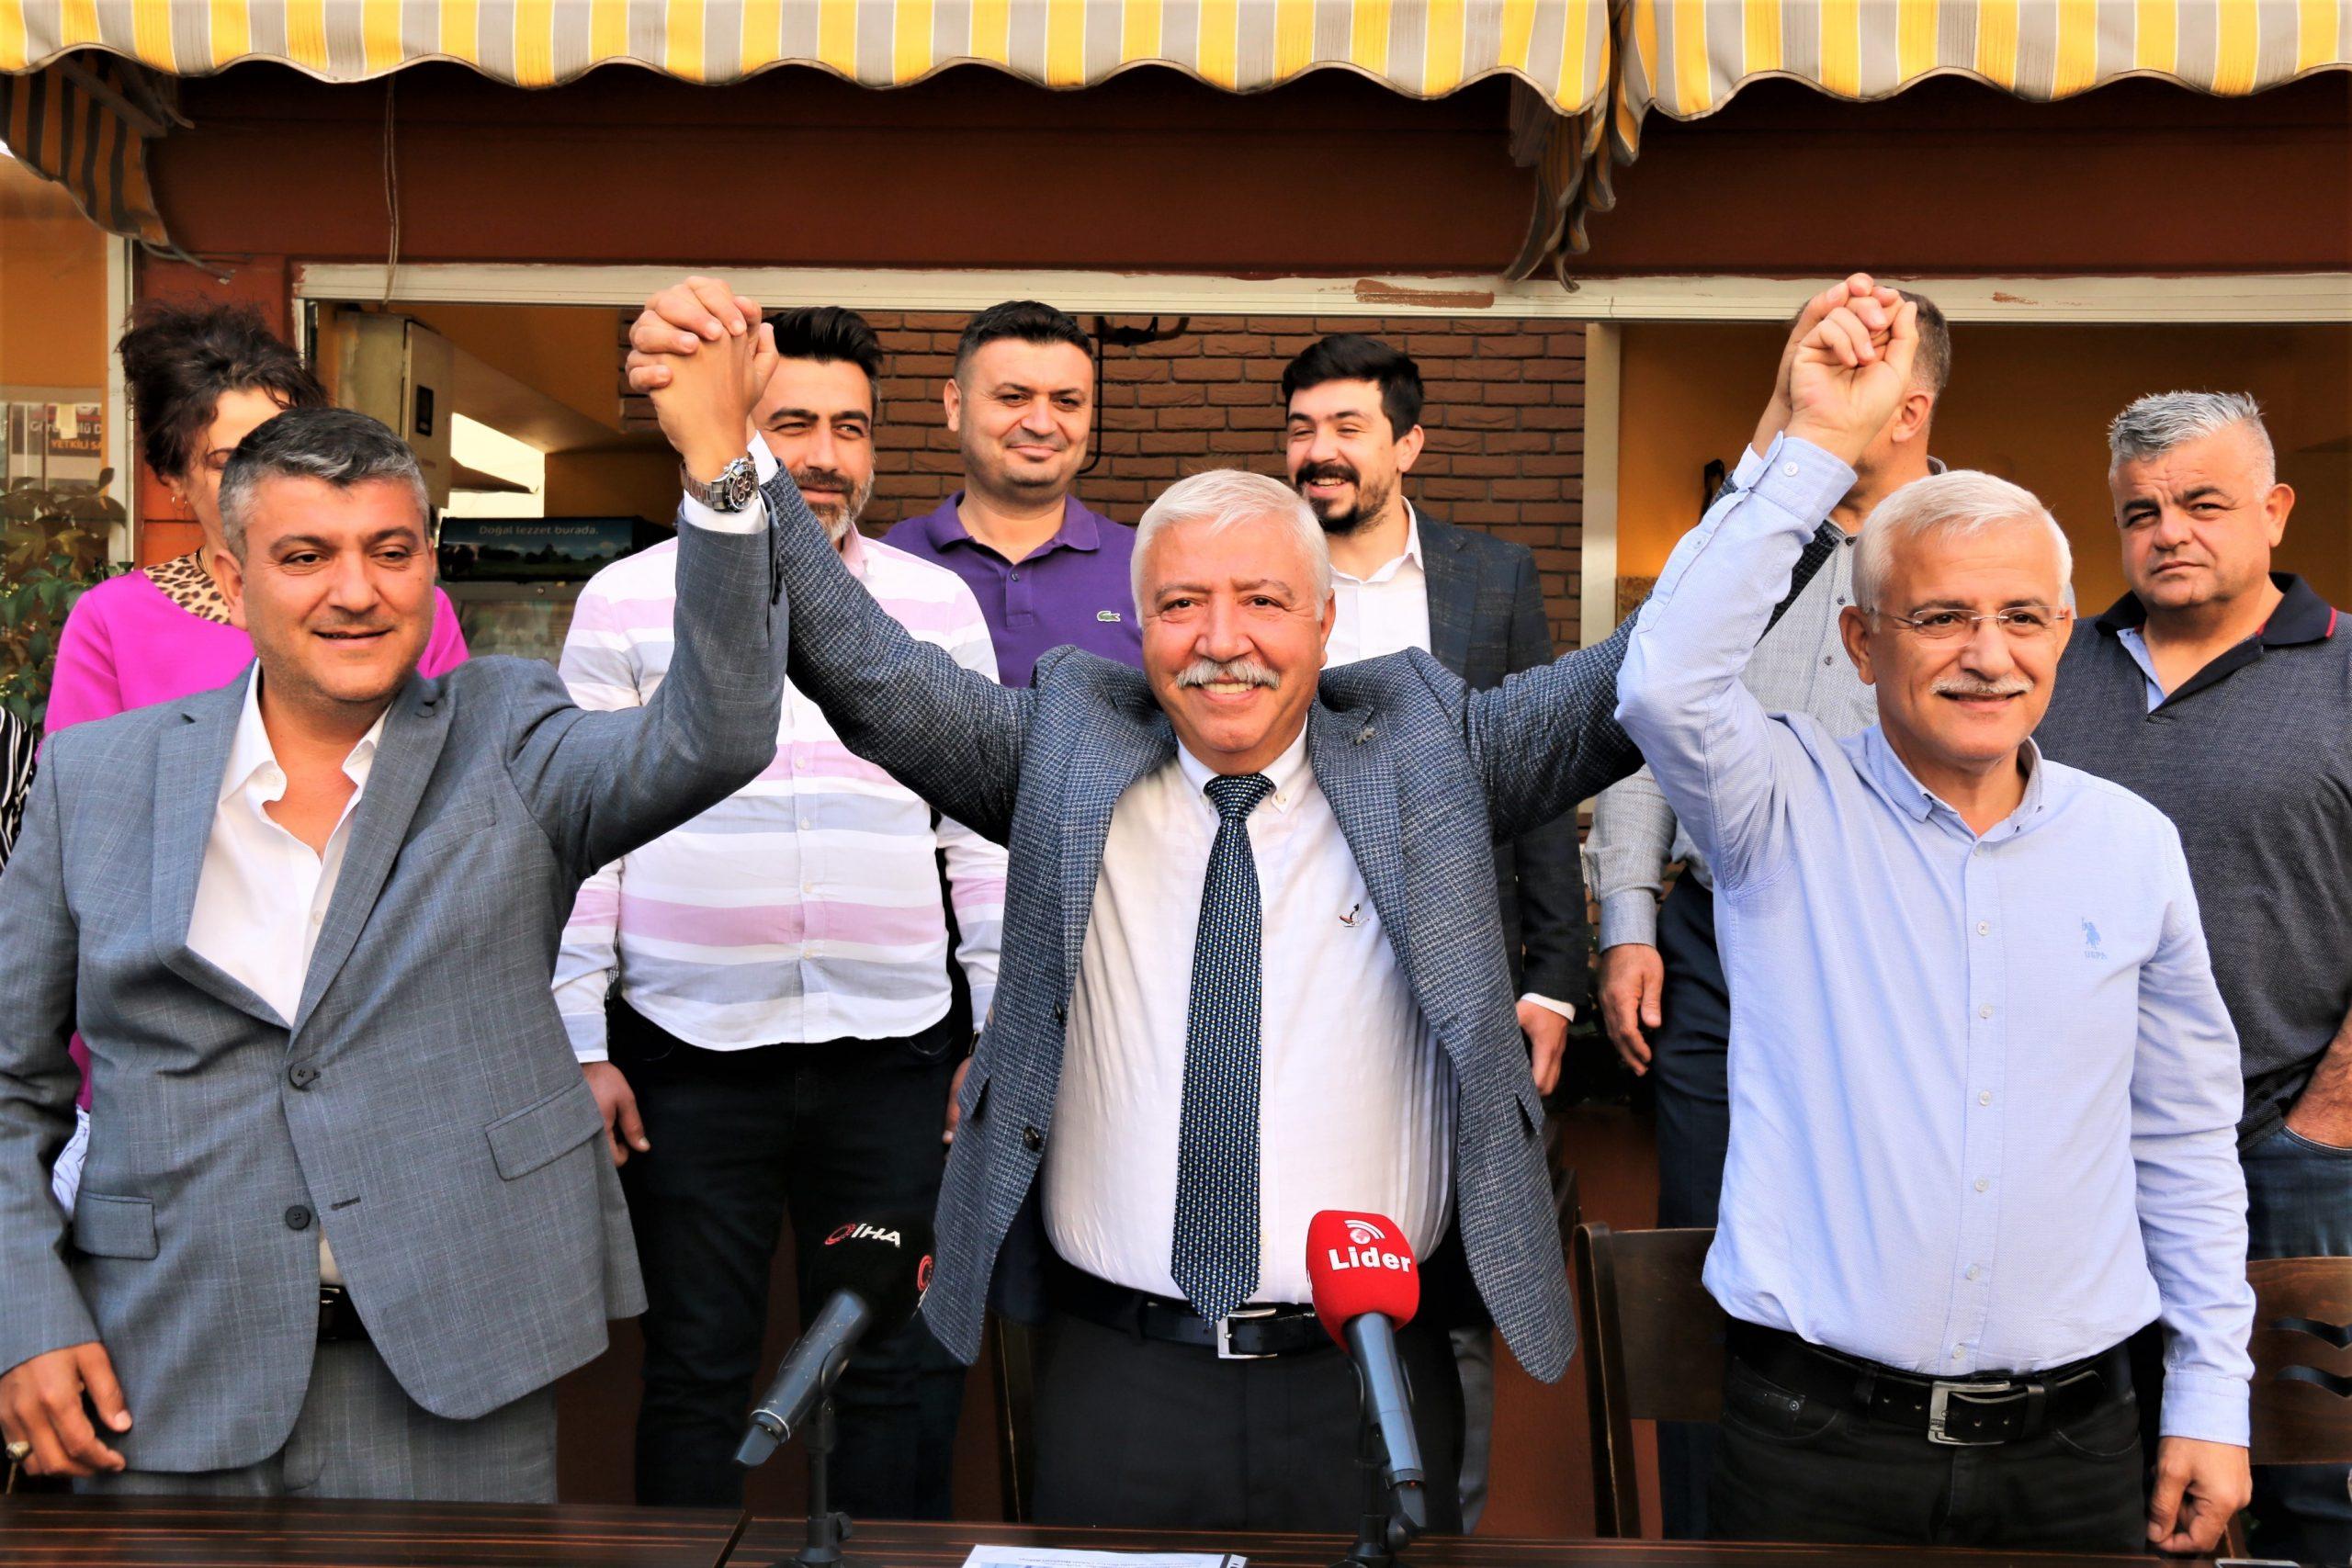 Antalya'da 3 kardeşin 3 farklı odaya başkanlık yarışı